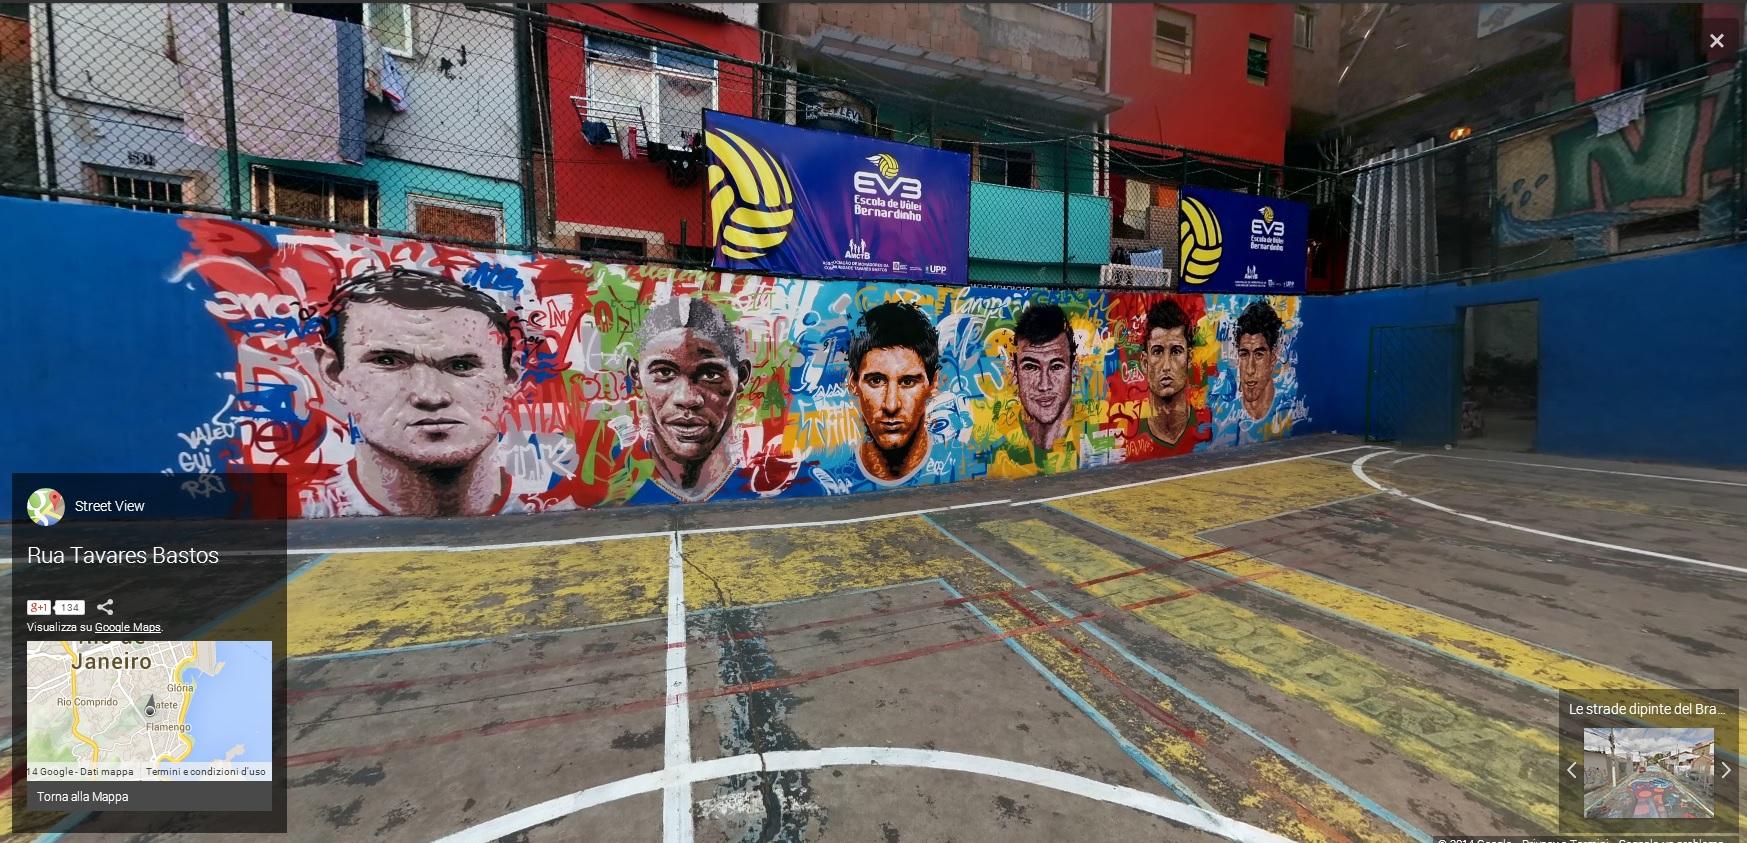 BRASILE5 MONDIALI BRASILE 2014   Google Maps e le strade dipinte